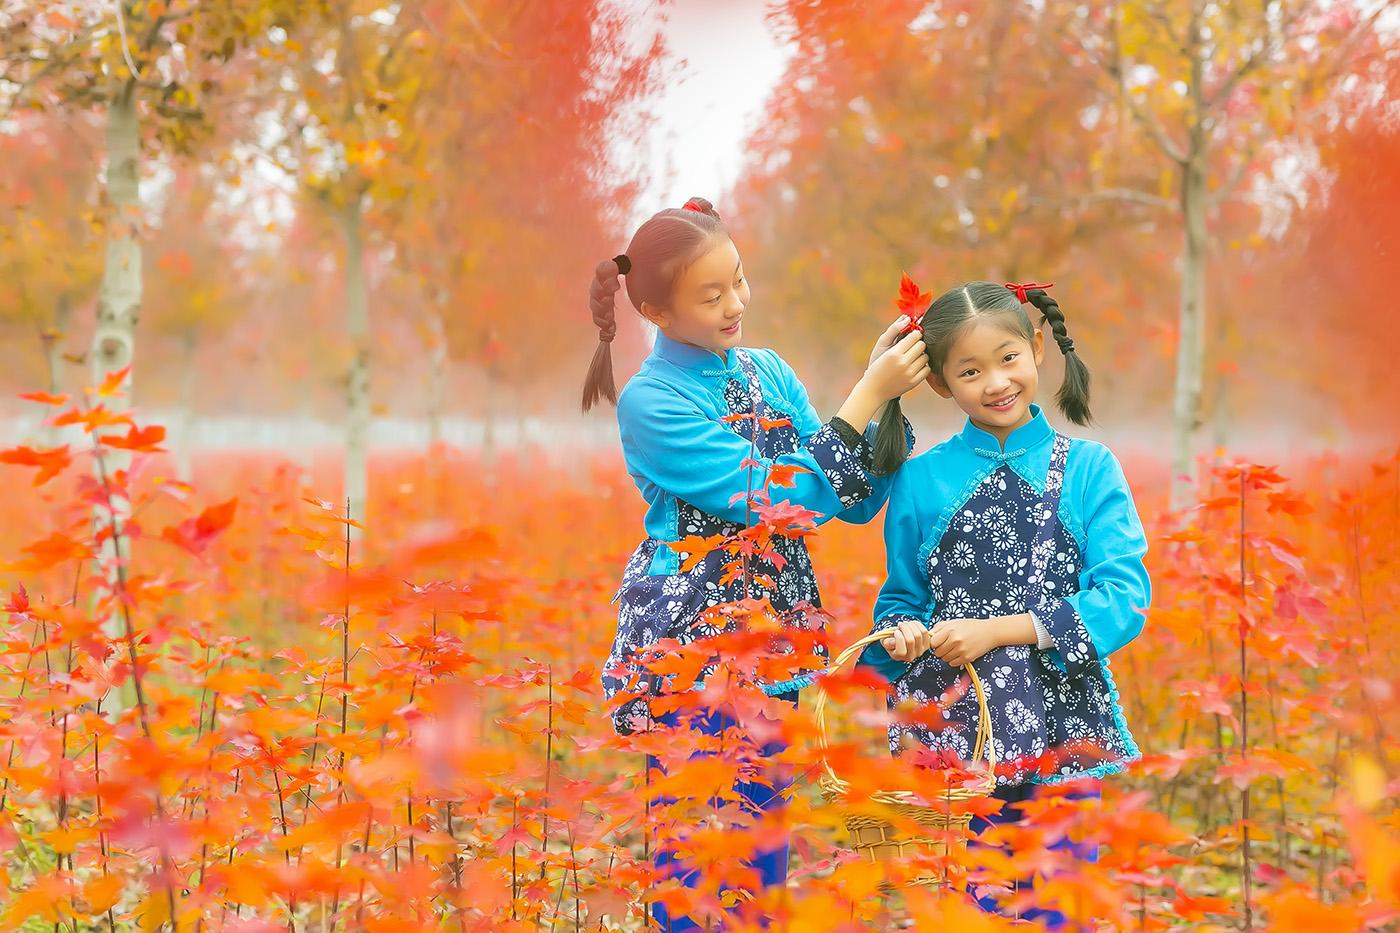 沂蒙山区竟然有这么一片童话般的树林 沂蒙小精灵火红的童年来袭 ..._图1-22